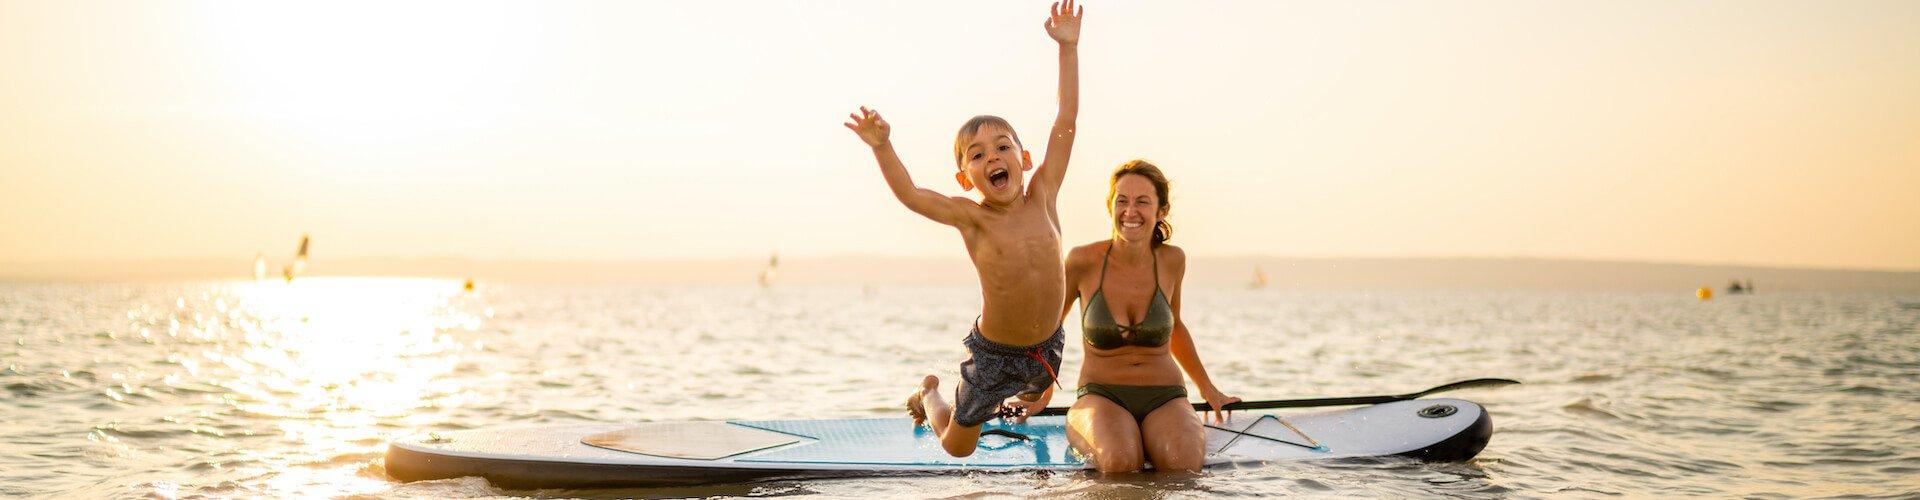 Familienurlaub mit Kleinkindern